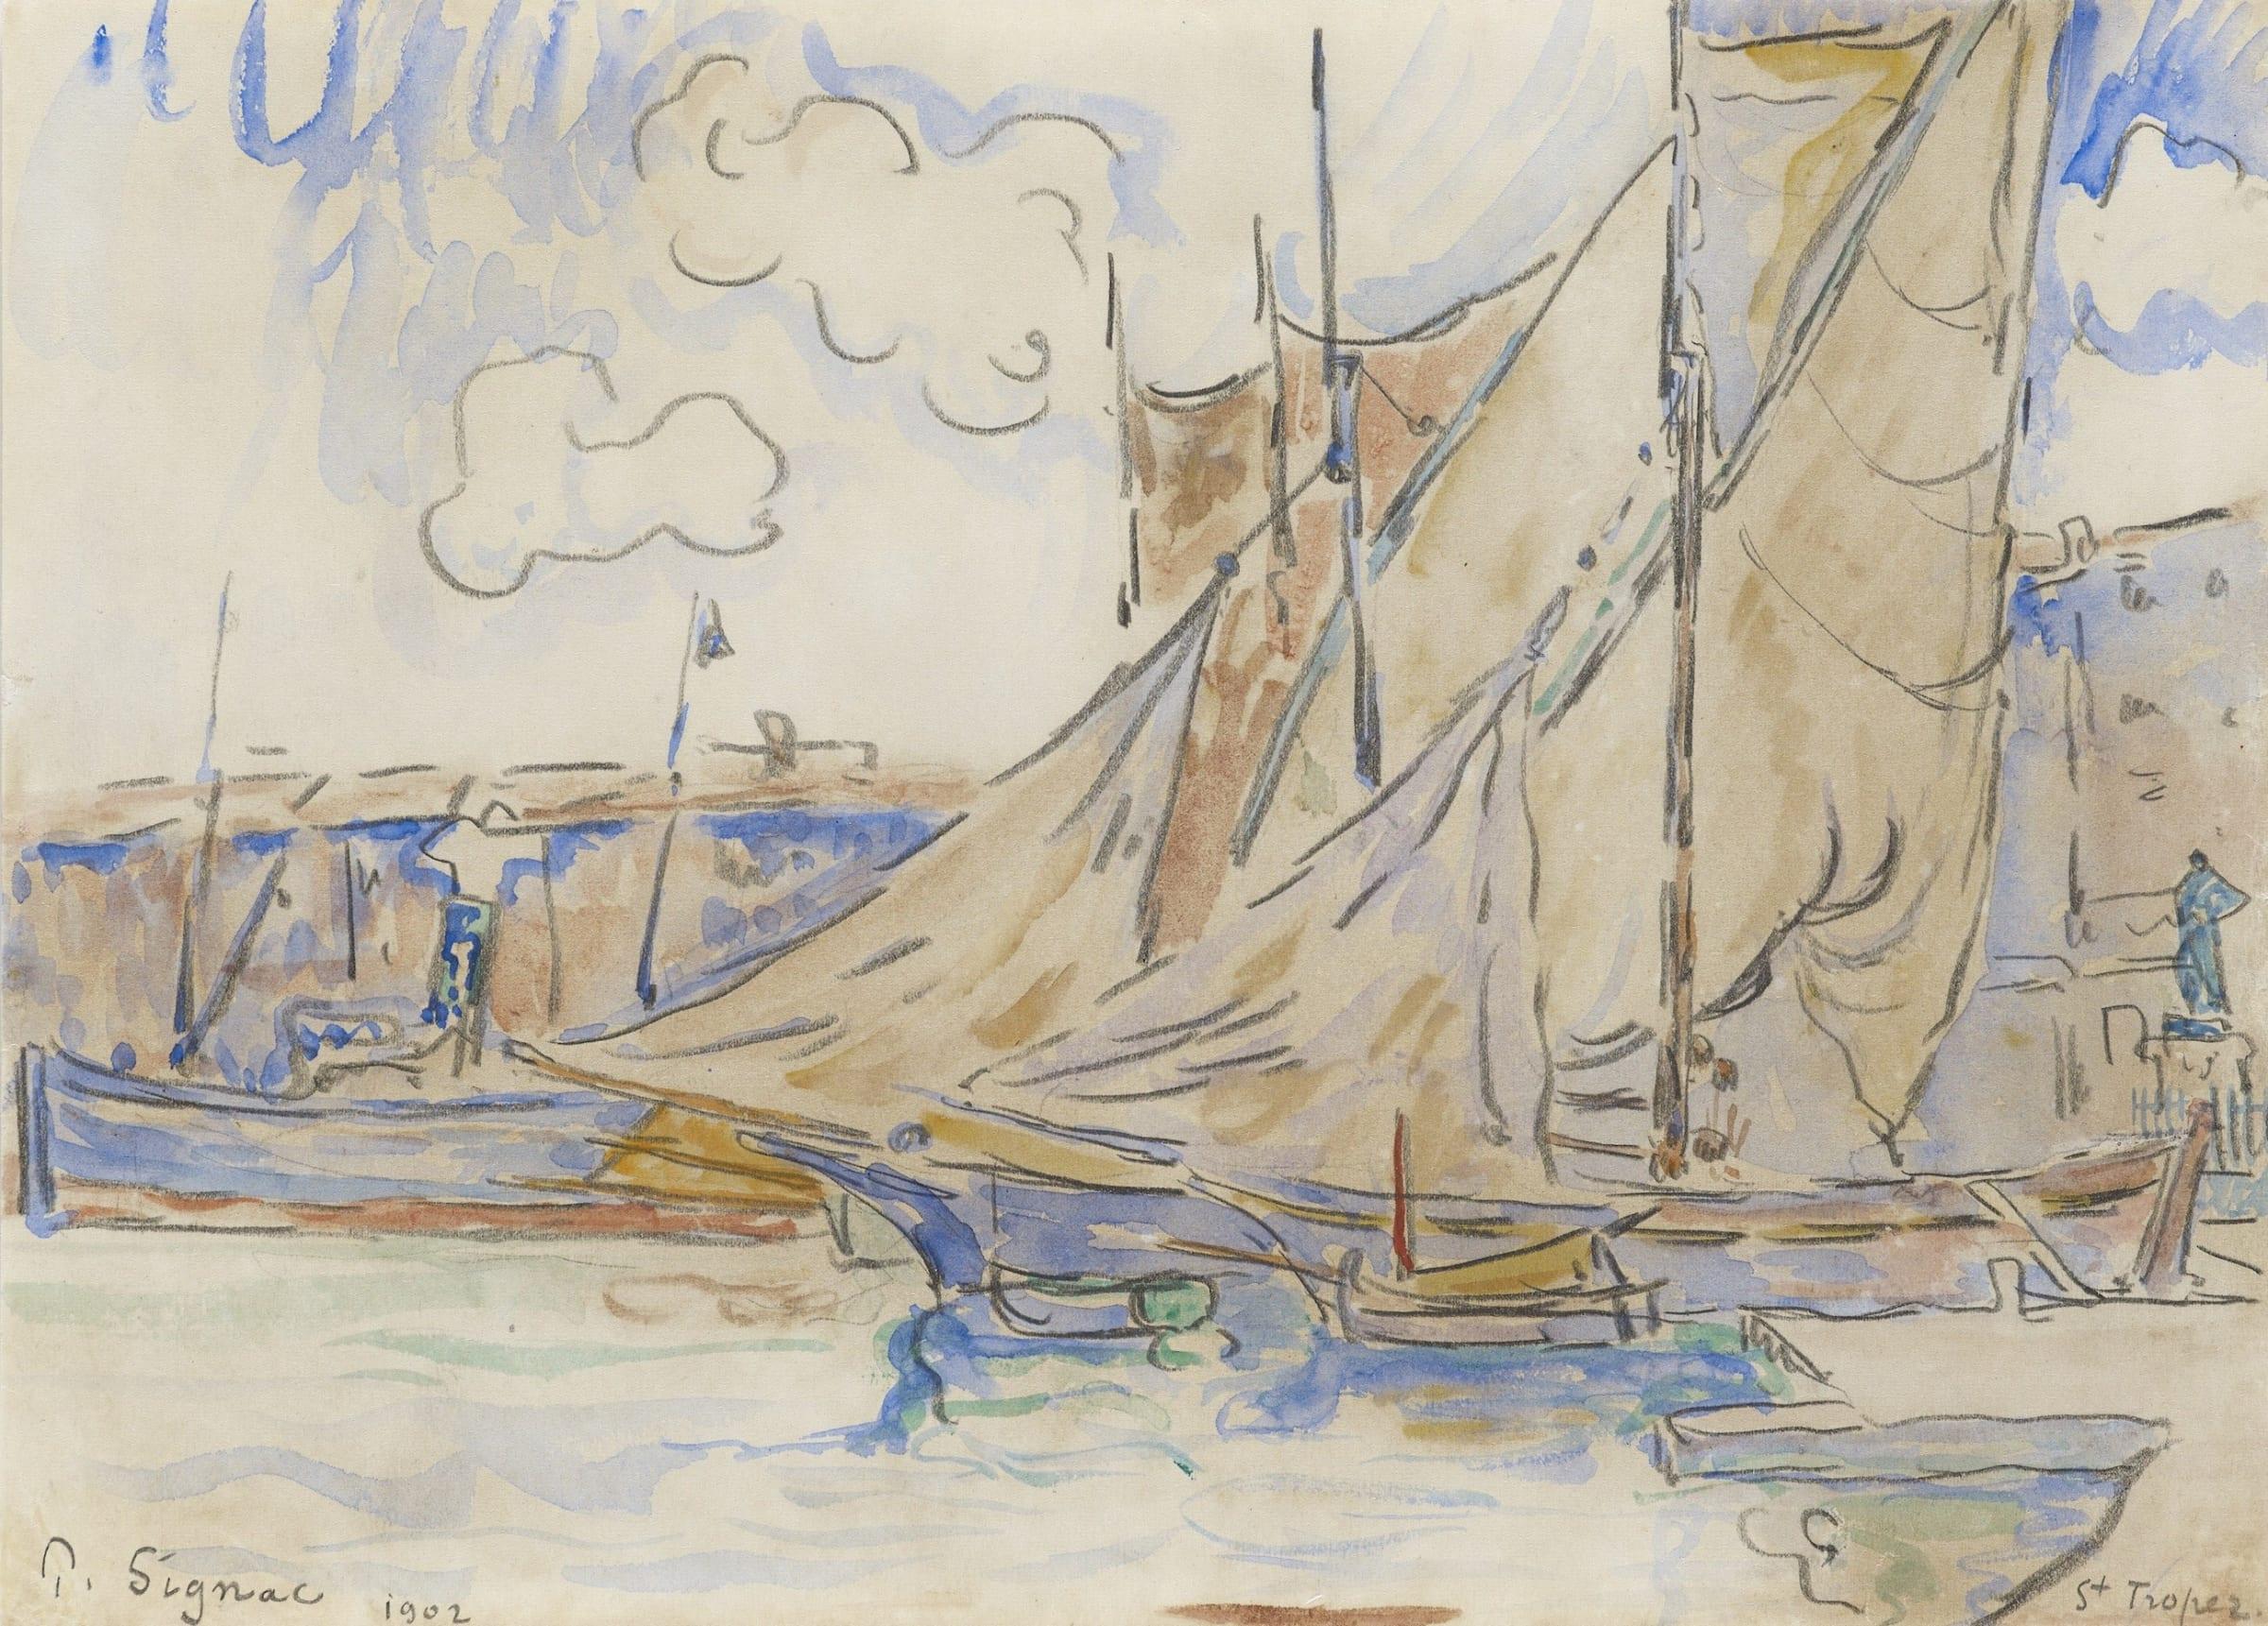 <span class=&#34;link fancybox-details-link&#34;><a href=&#34;/artists/75-paul-signac/works/9419-paul-signac-le-port-de-saint-tropez-1902/&#34;>View Detail Page</a></span><div class=&#34;artist&#34;><span class=&#34;artist&#34;><strong>Paul Signac</strong></span></div><div class=&#34;title&#34;><em>Le port de Saint-Tropez</em>, 1902</div><div class=&#34;signed_and_dated&#34;>Signed and dated lower left, P. Signac 1902 Located lower right Saint Tropez</div><div class=&#34;medium&#34;>Watercolour and pencil on paper</div><div class=&#34;dimensions&#34;>19.8 x 27.4 cm<br /> 7 3/4 x 11 13/16 inches</div>